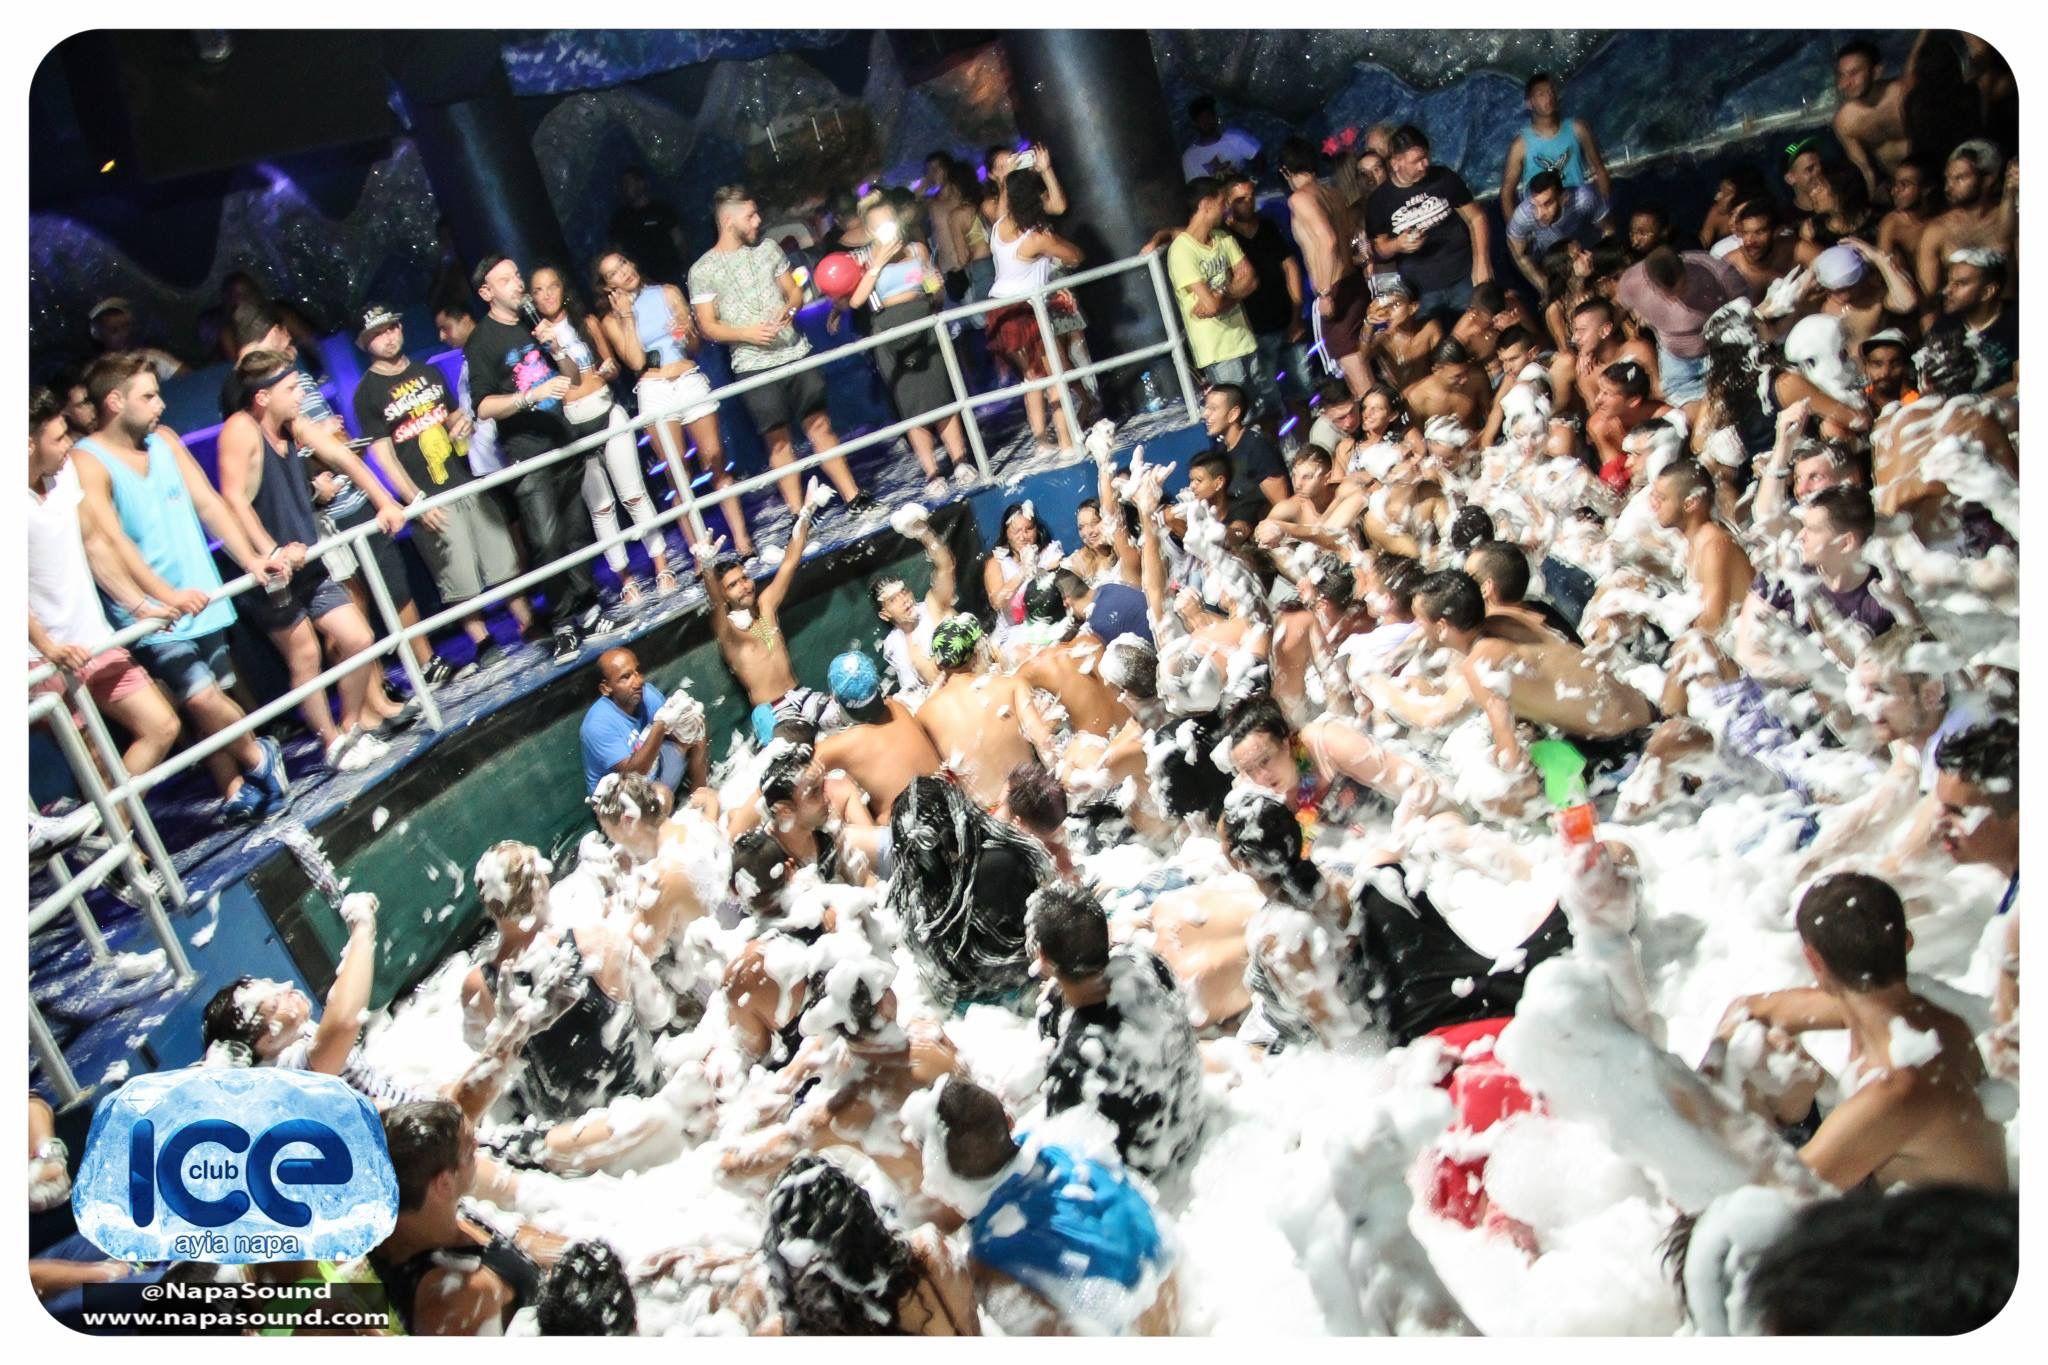 Foam Party Club Ice Ayia Napa Foam Party Easy Rider Ayia Napa